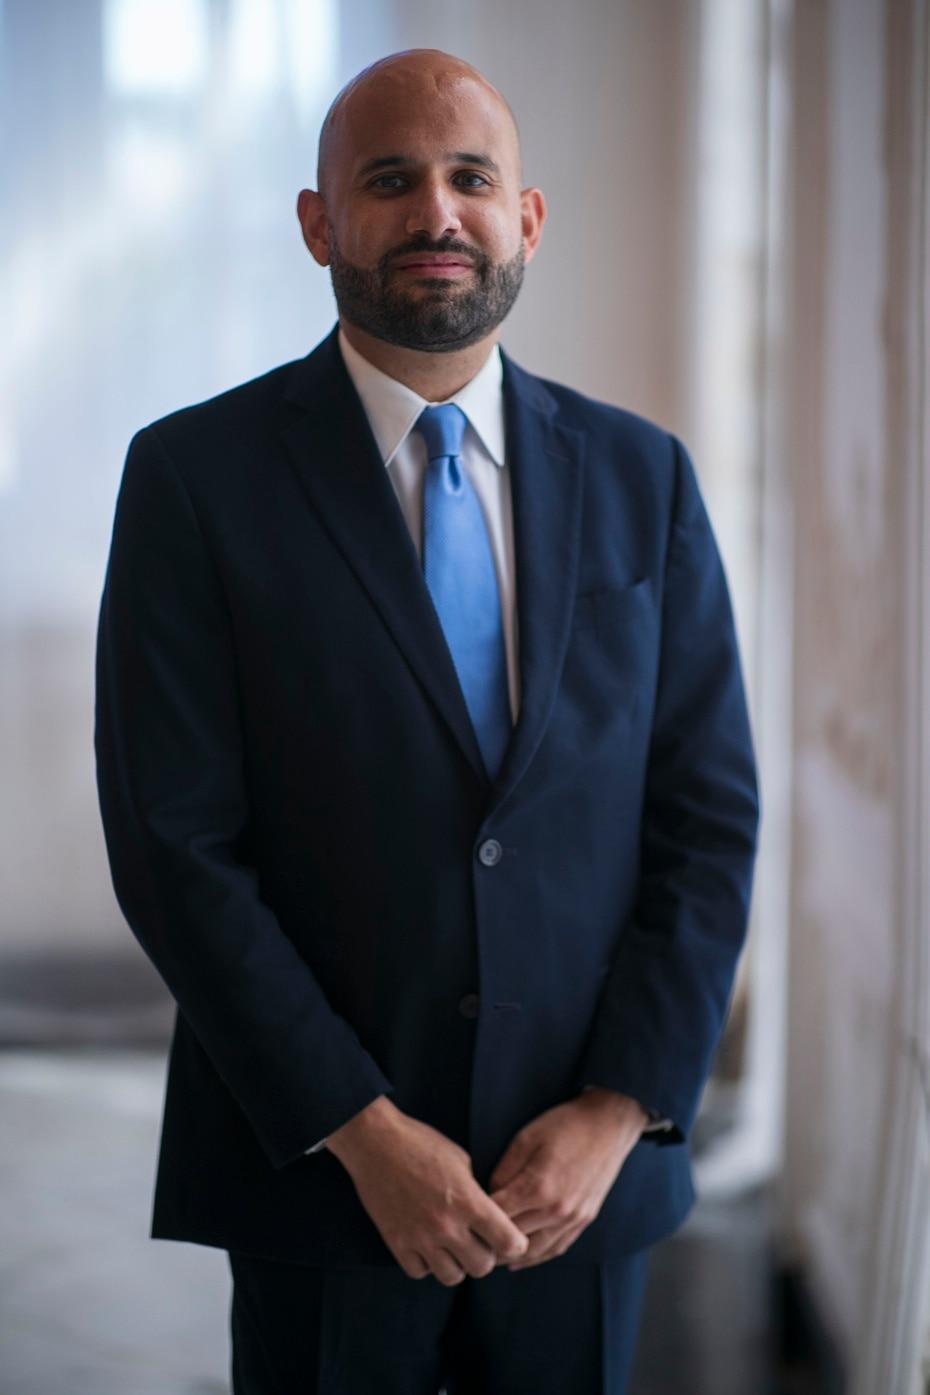 Fernando Figueroa asumió el puesto de Procurador General en propiedad el 10 de mayo de 2021.